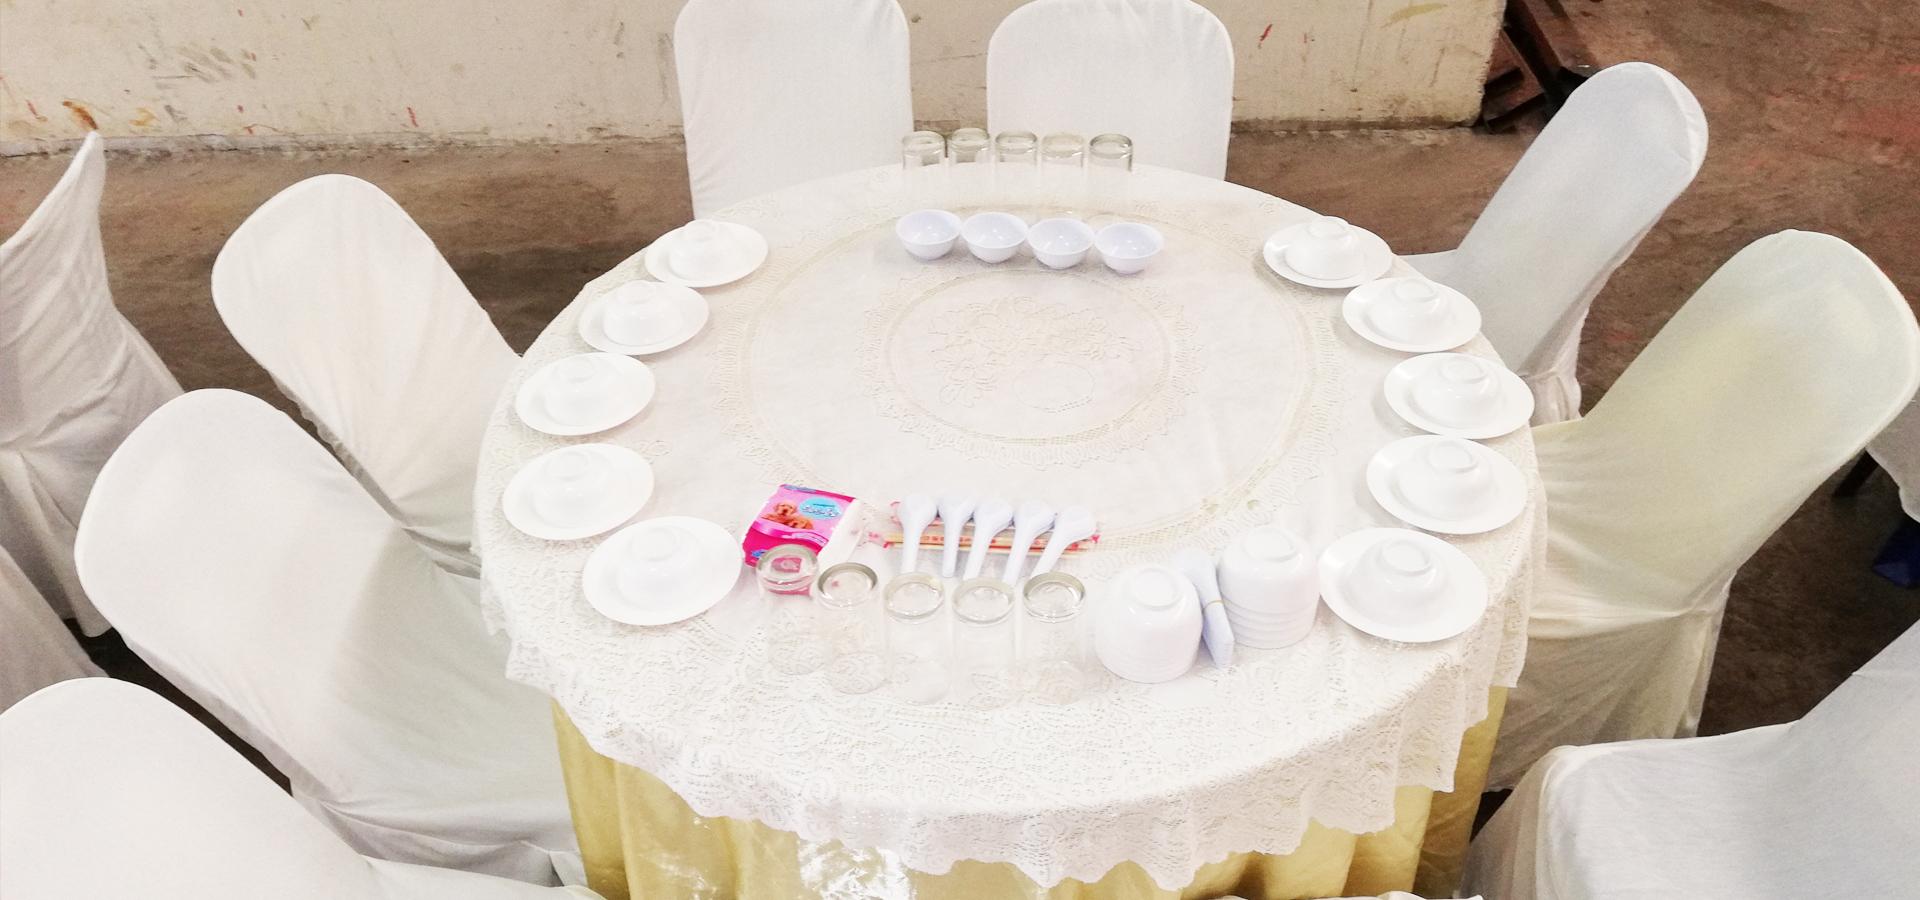 ภานุพงศ์โภชนารับจัดโต๊ะจีน โต๊ะจีนนครปฐ